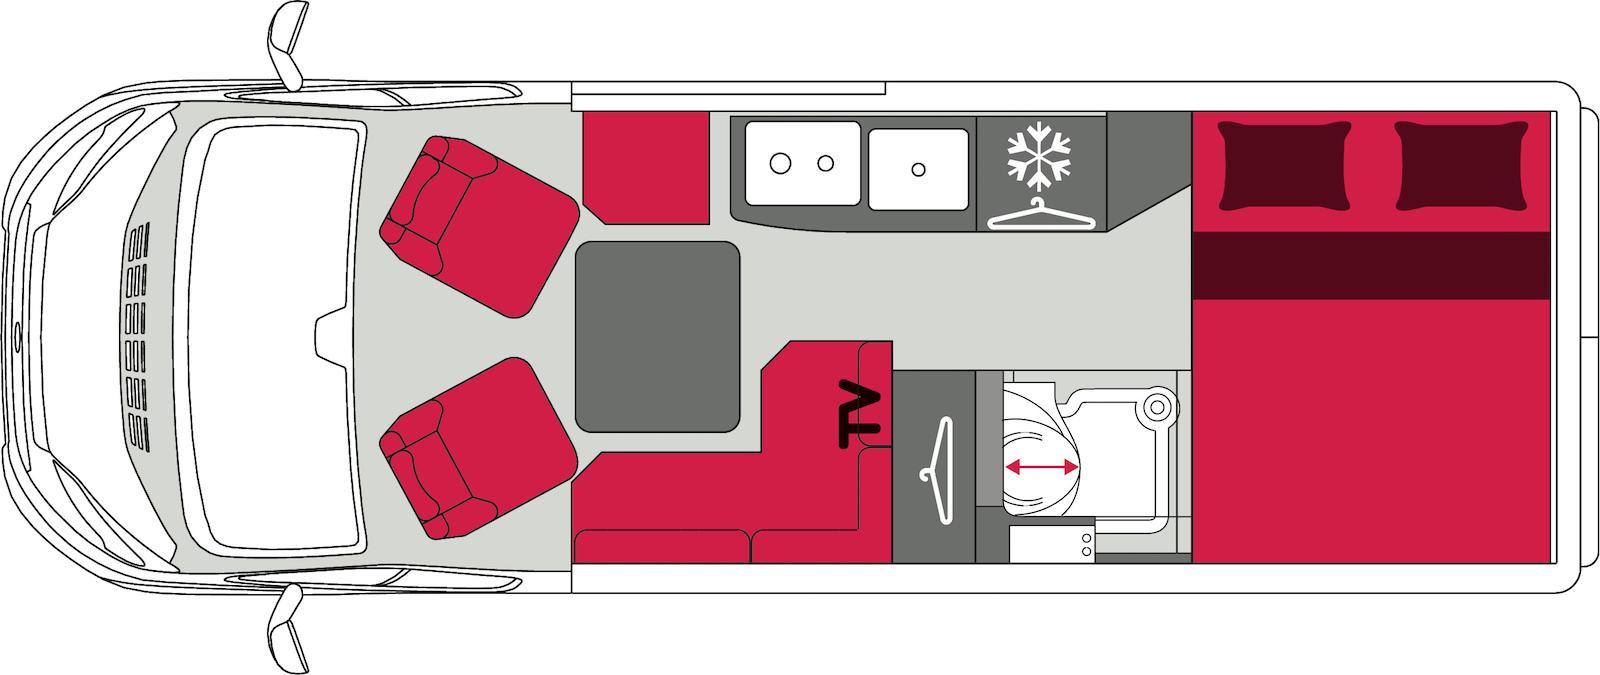 Pilote inaugure la banquette en L sur un fourgon aménagé. Sur le côté opposé, un strapontin complète le nombre des places.